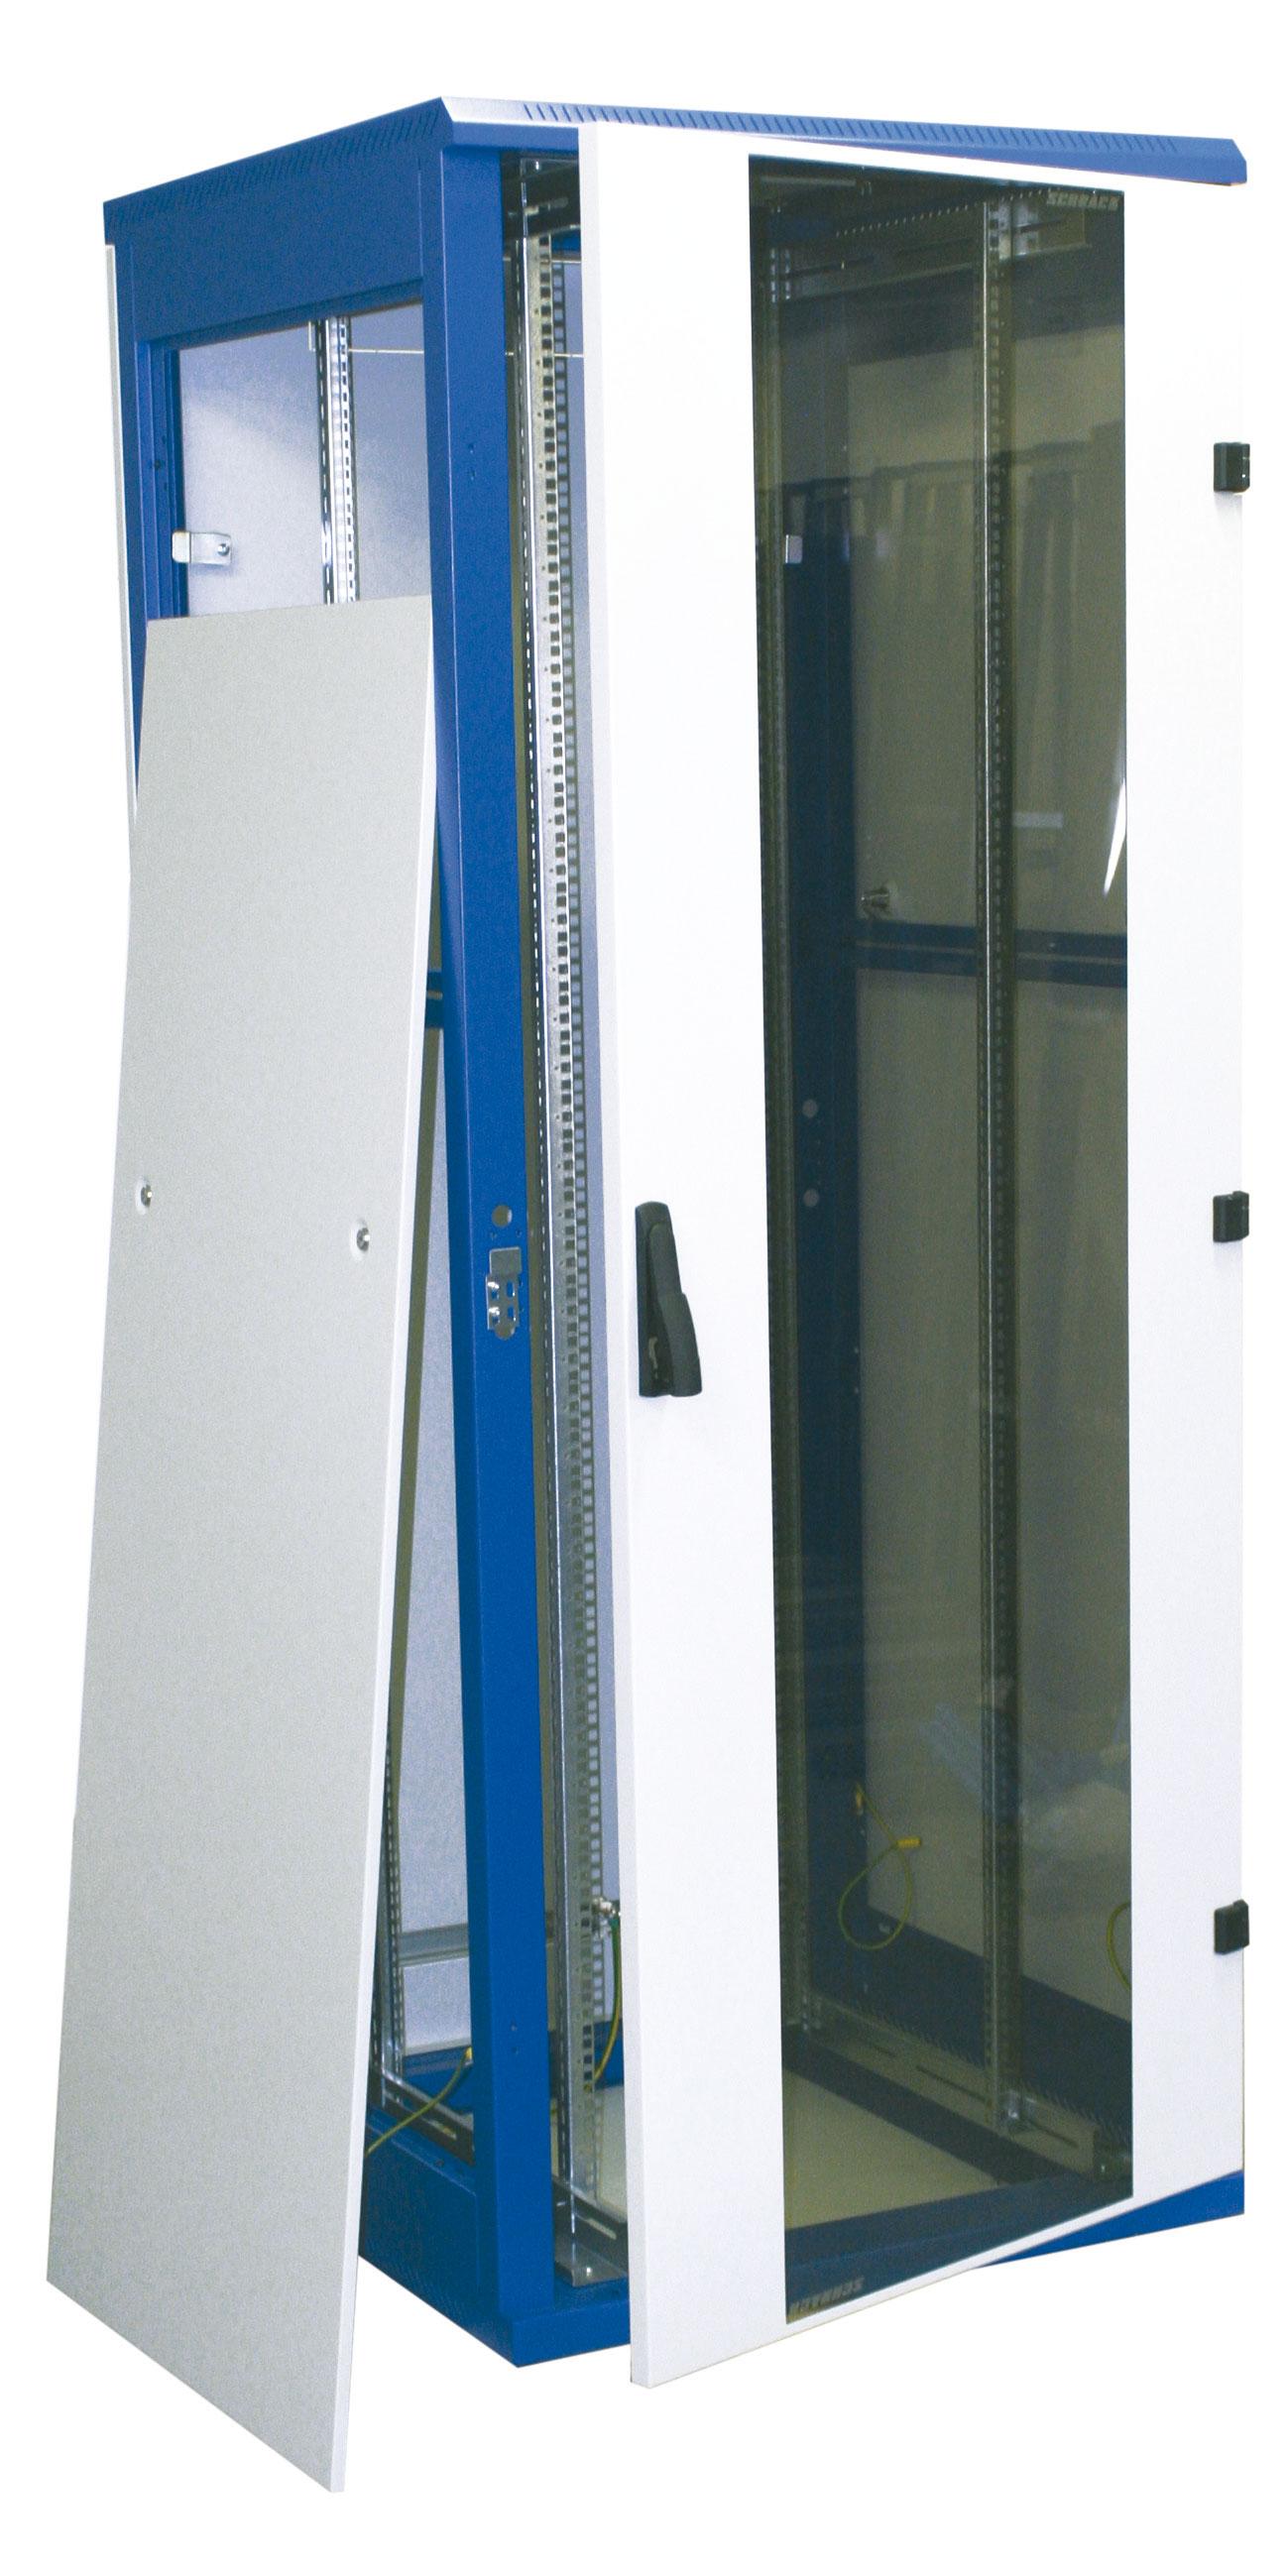 1 Stk Netzwerk-Standschrank DSZ,zerlegbar,B800xH1970xT 800,1942HE DSZ428080-